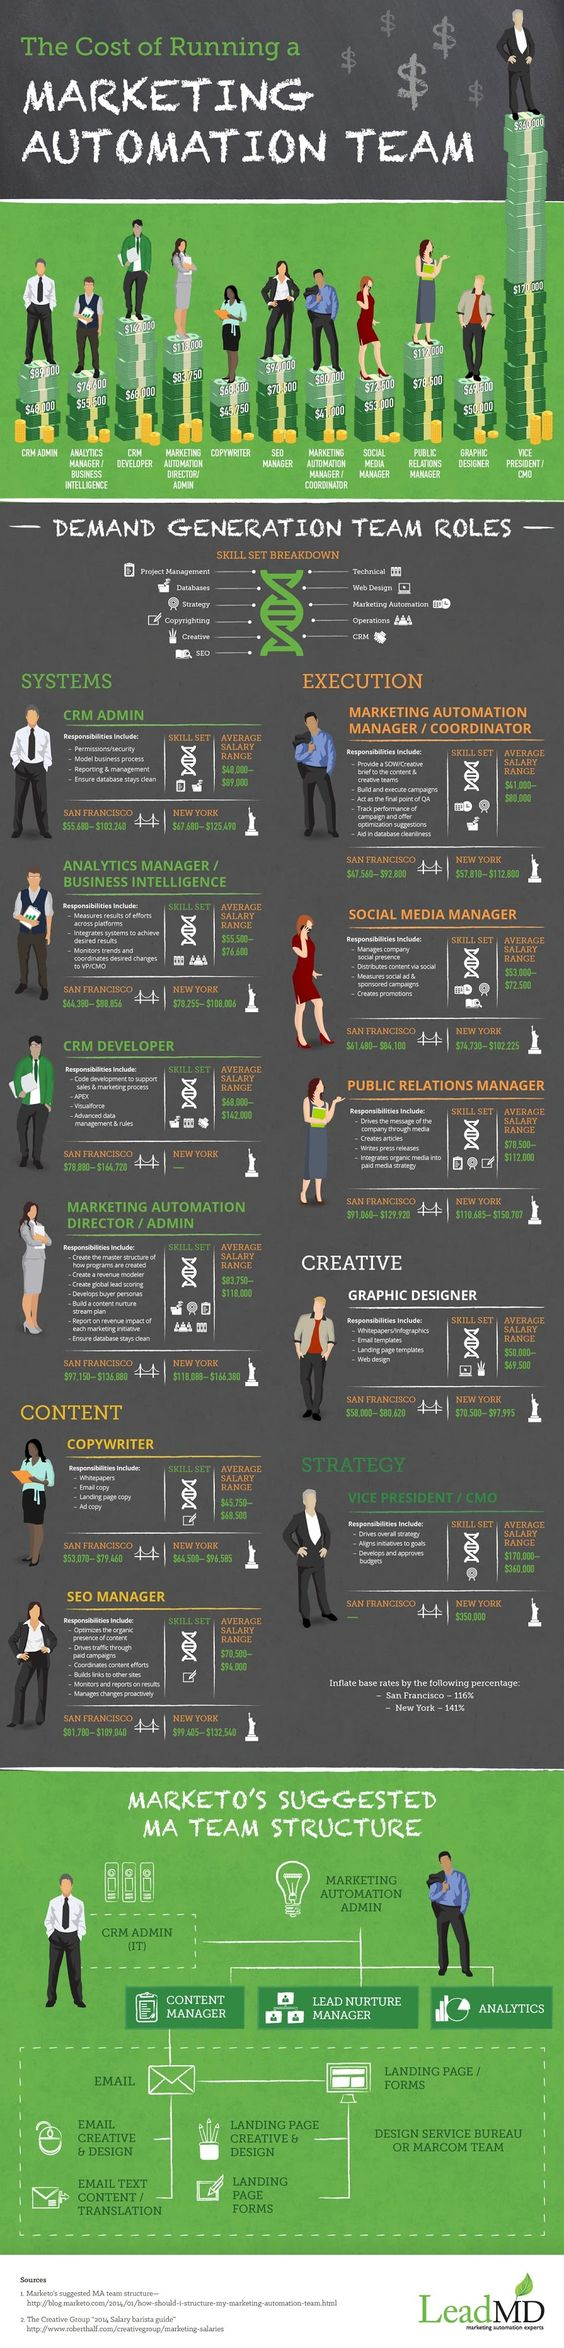 Web agency o agenzia di comunicazione: cosa ti serve? | Emoe